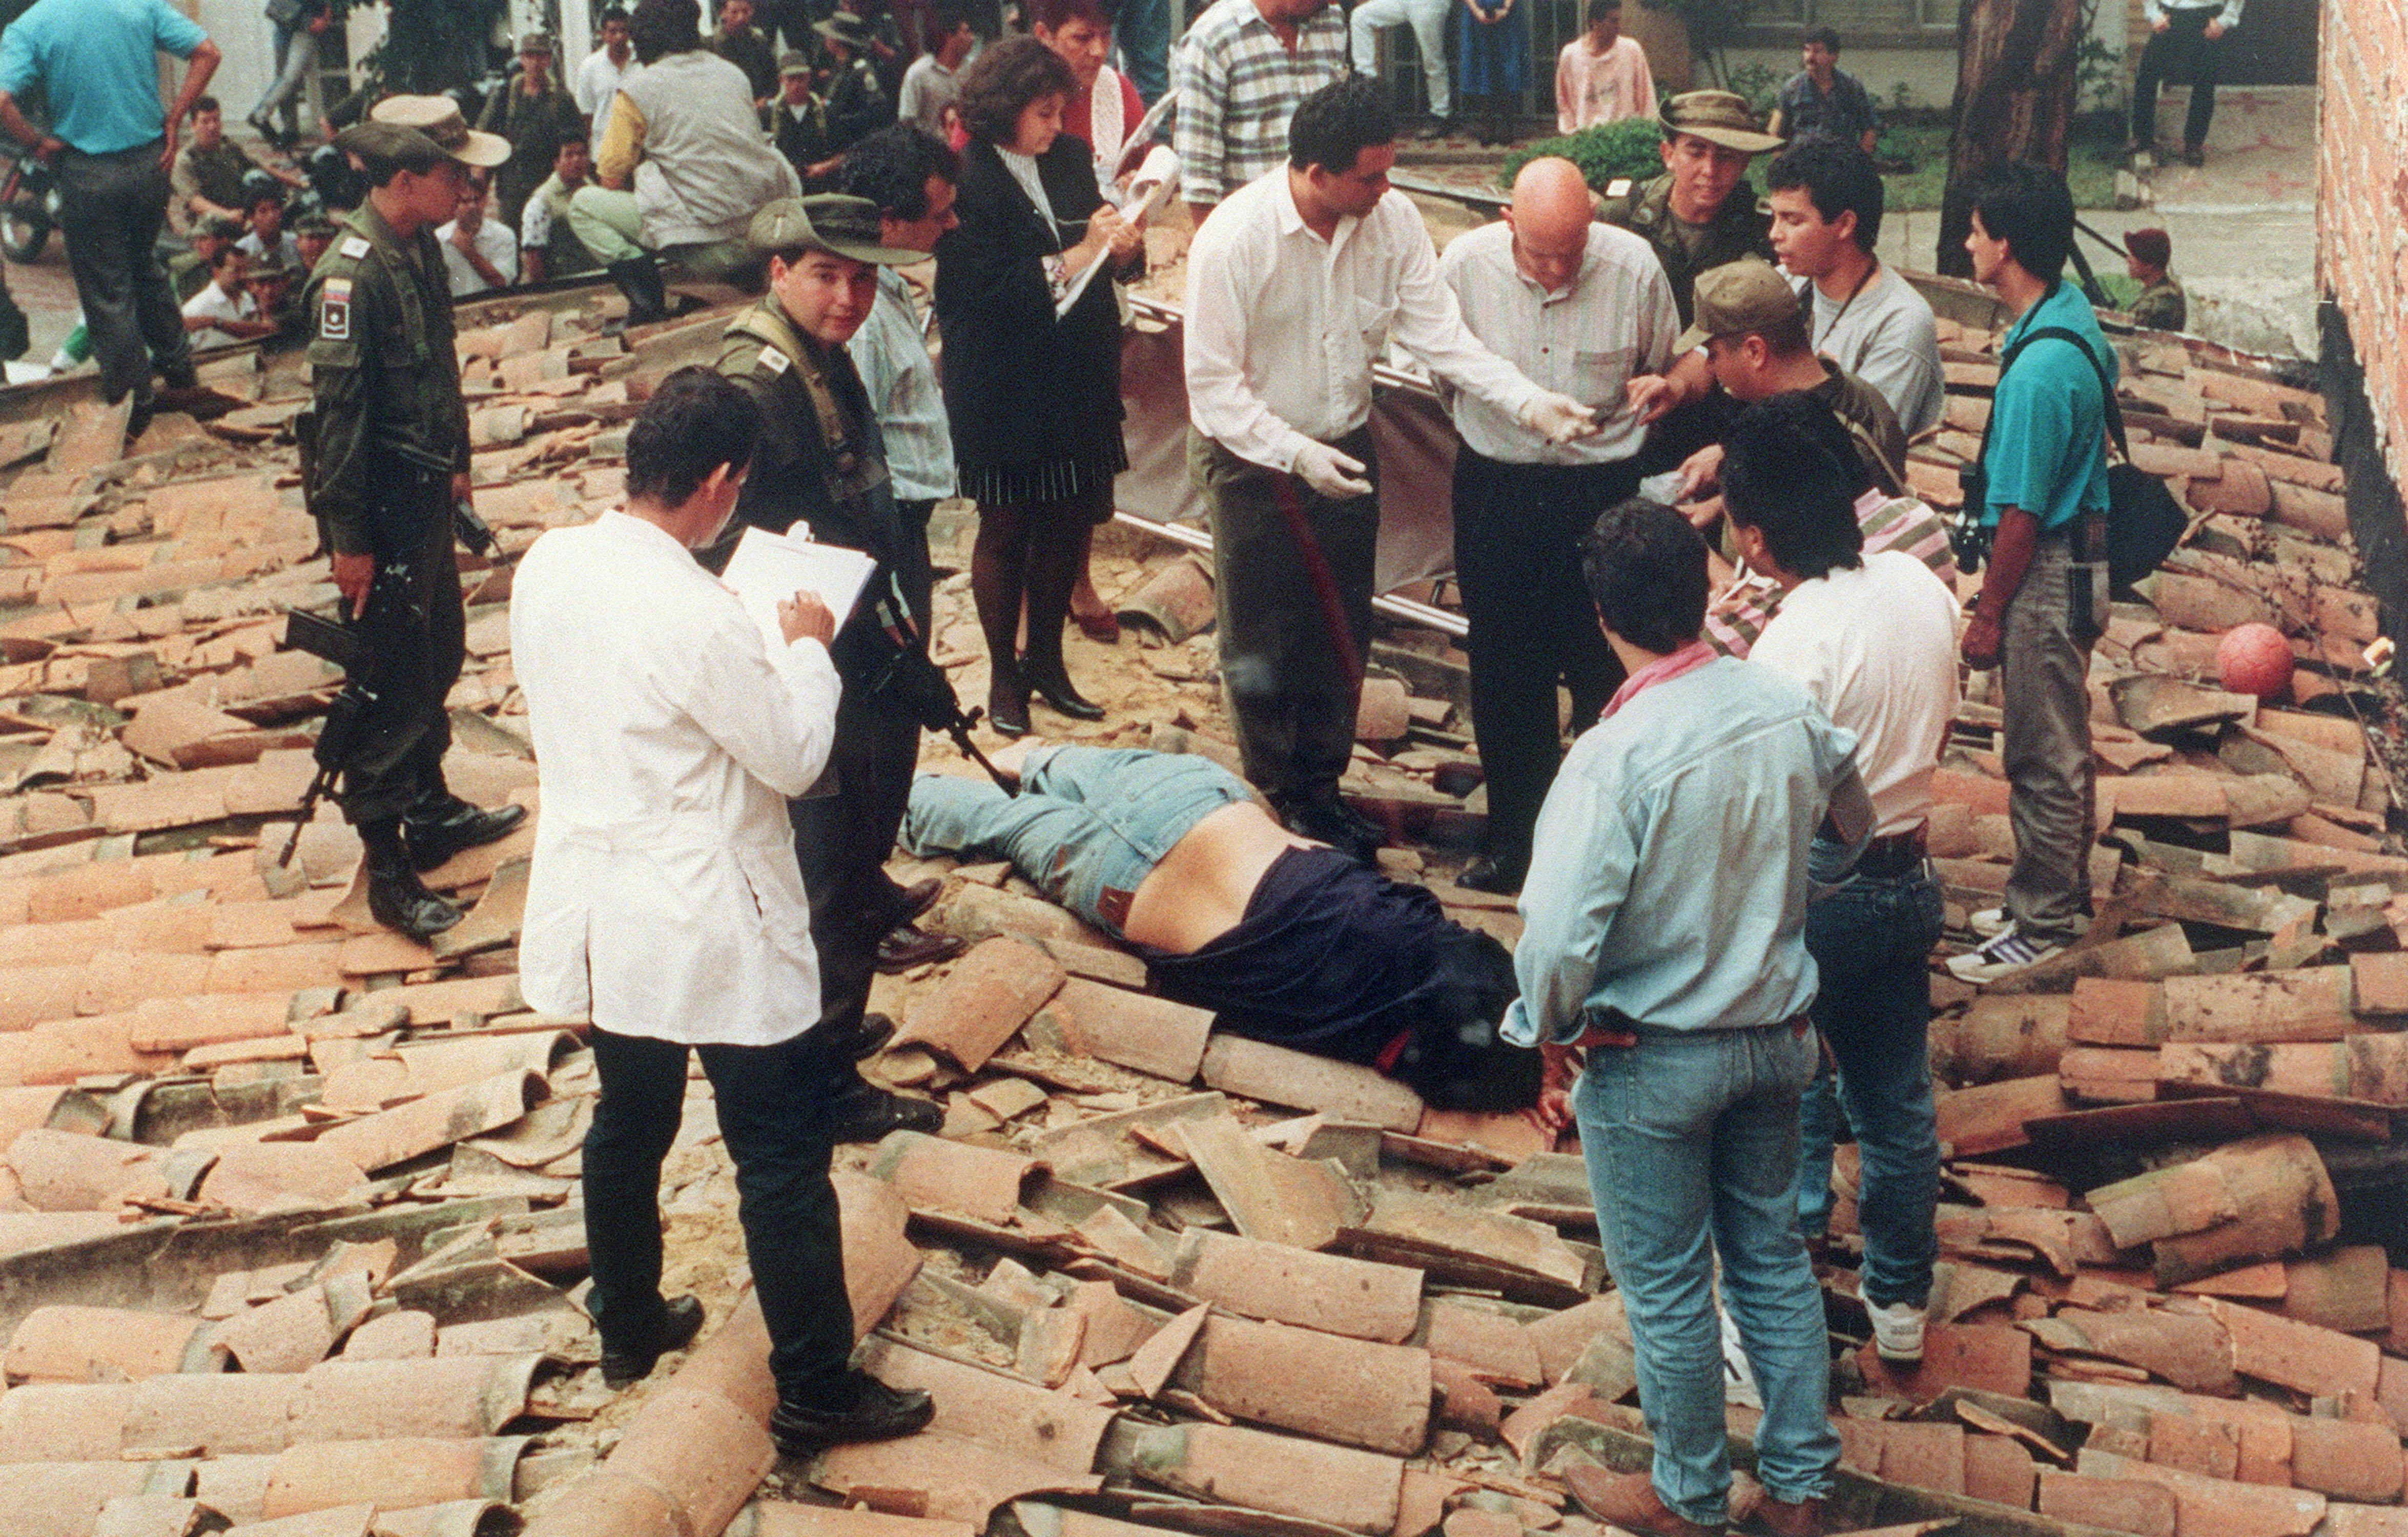 El cuerpo sin vida de Pablo Emilio Escobar Gaviria sobre el tejado donde fue ultimado el 2 de diciembre de 1993